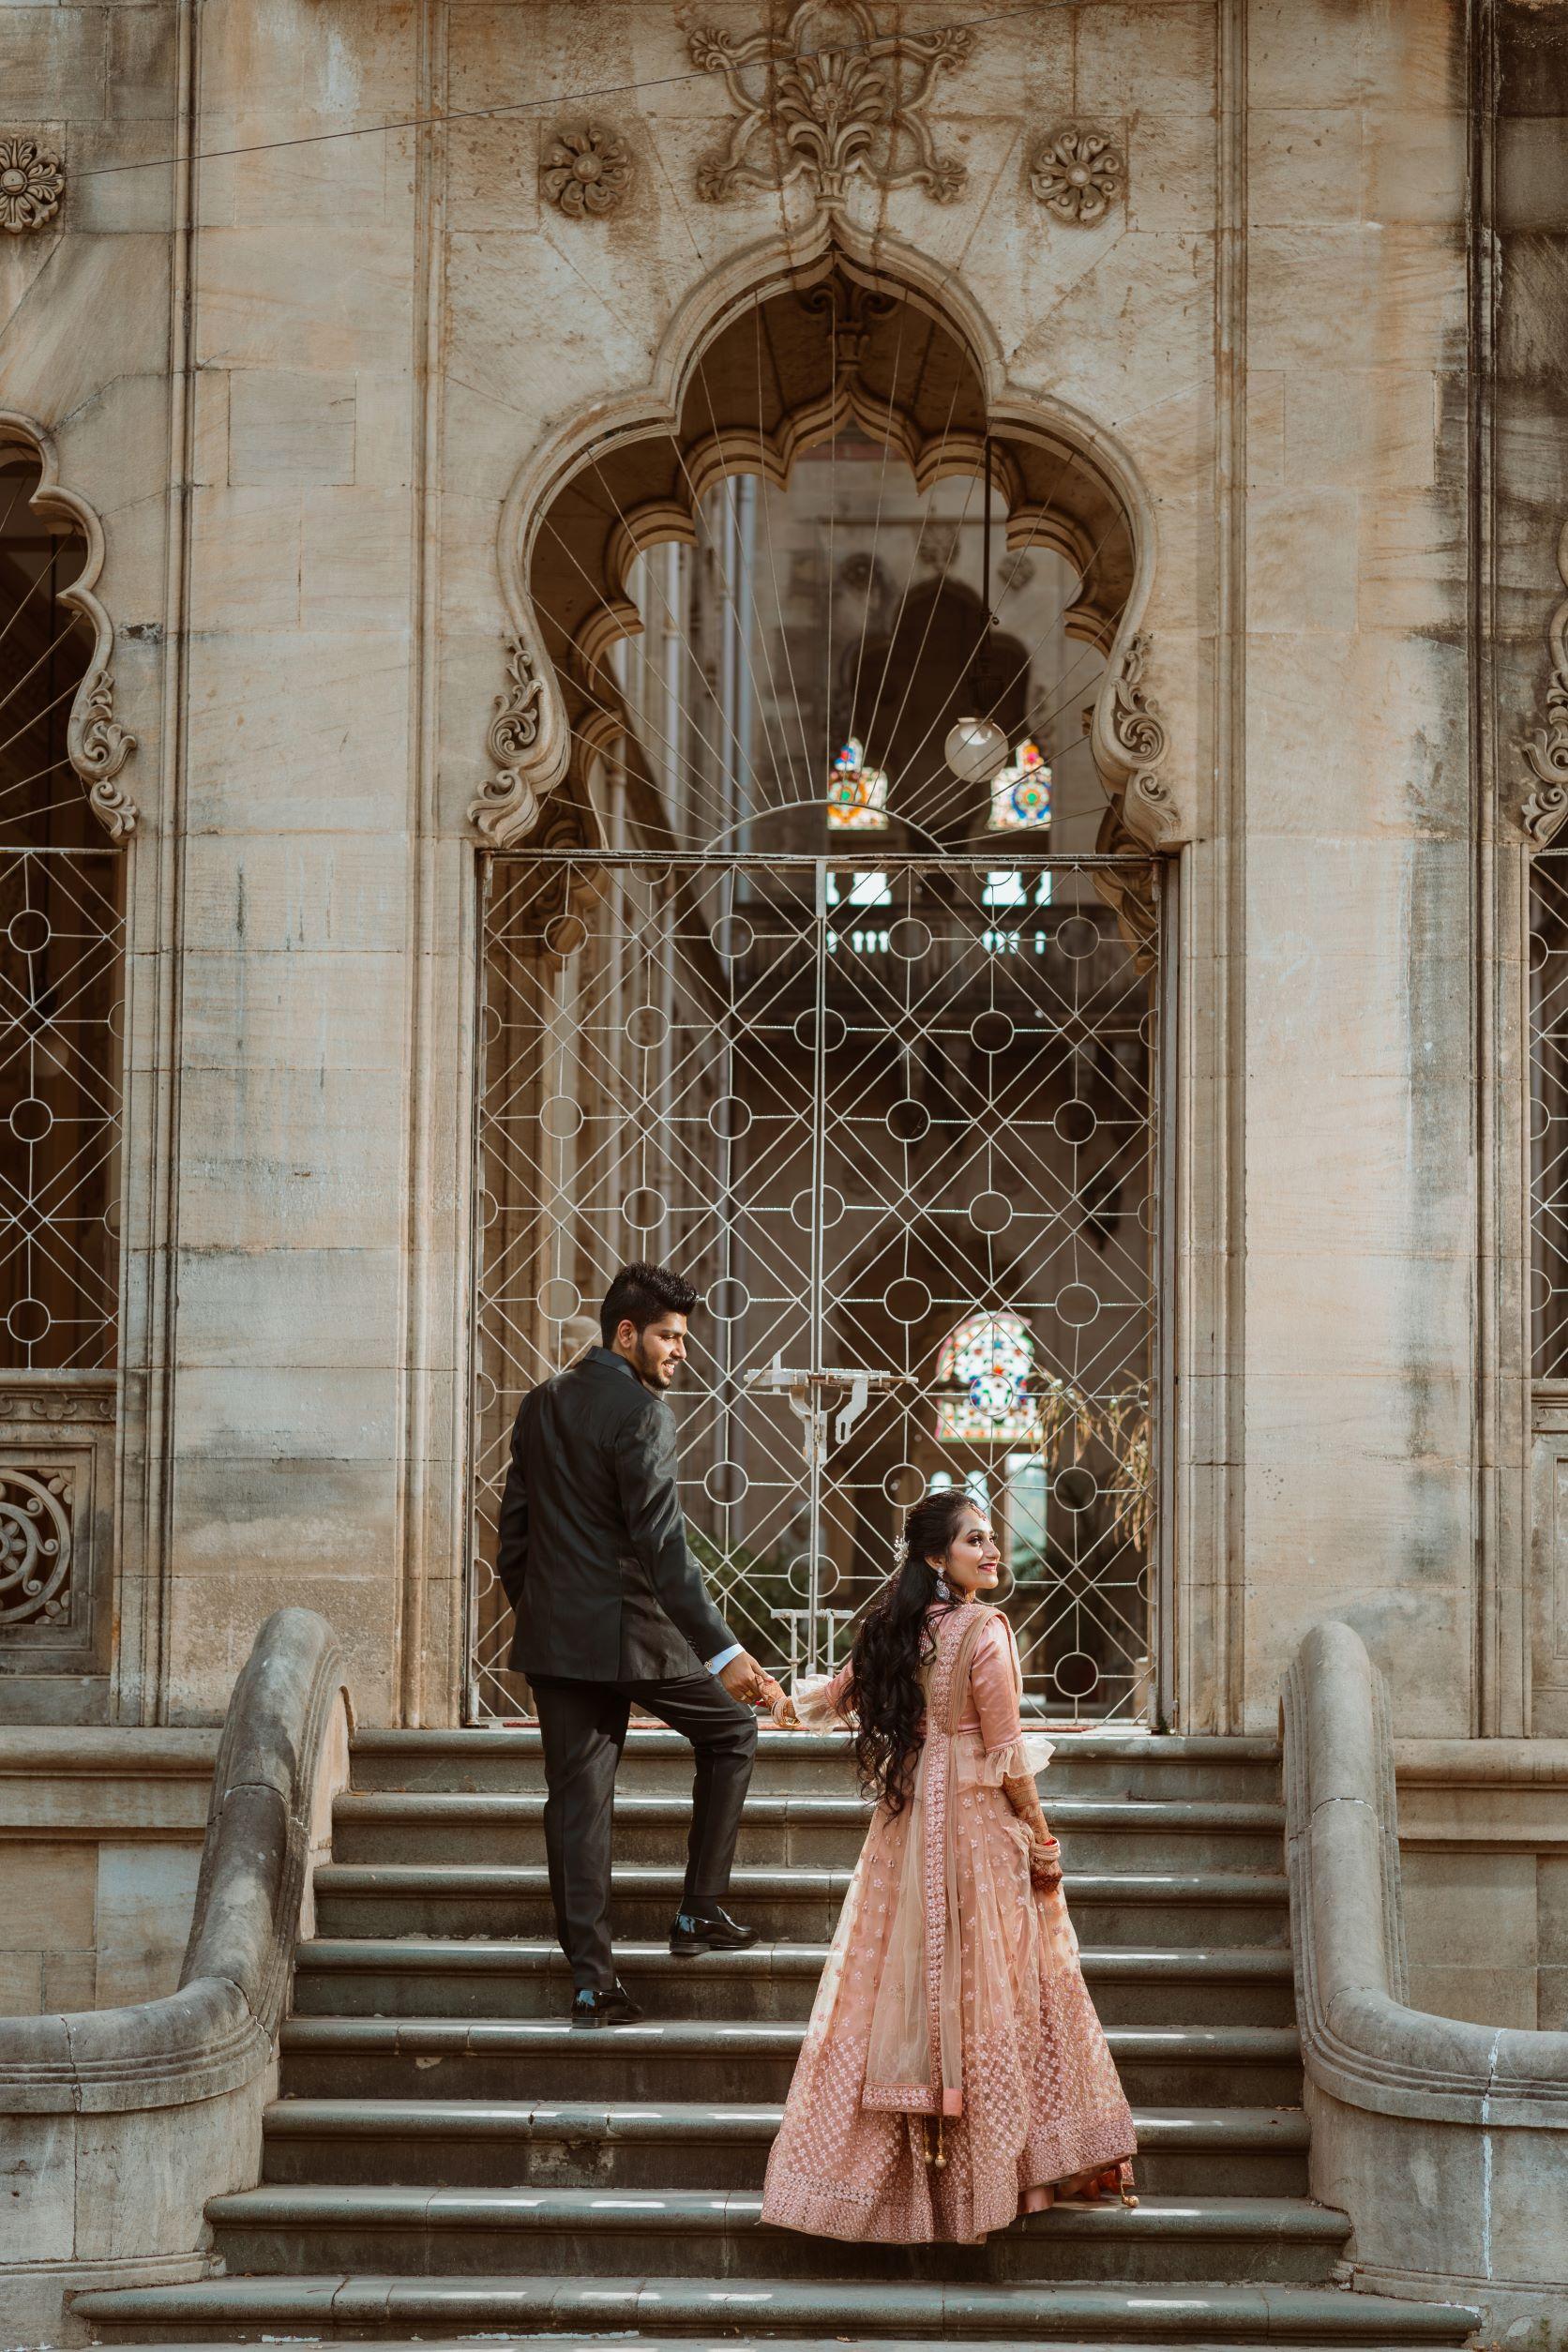 groom in black suit and bride in peach lehenga.